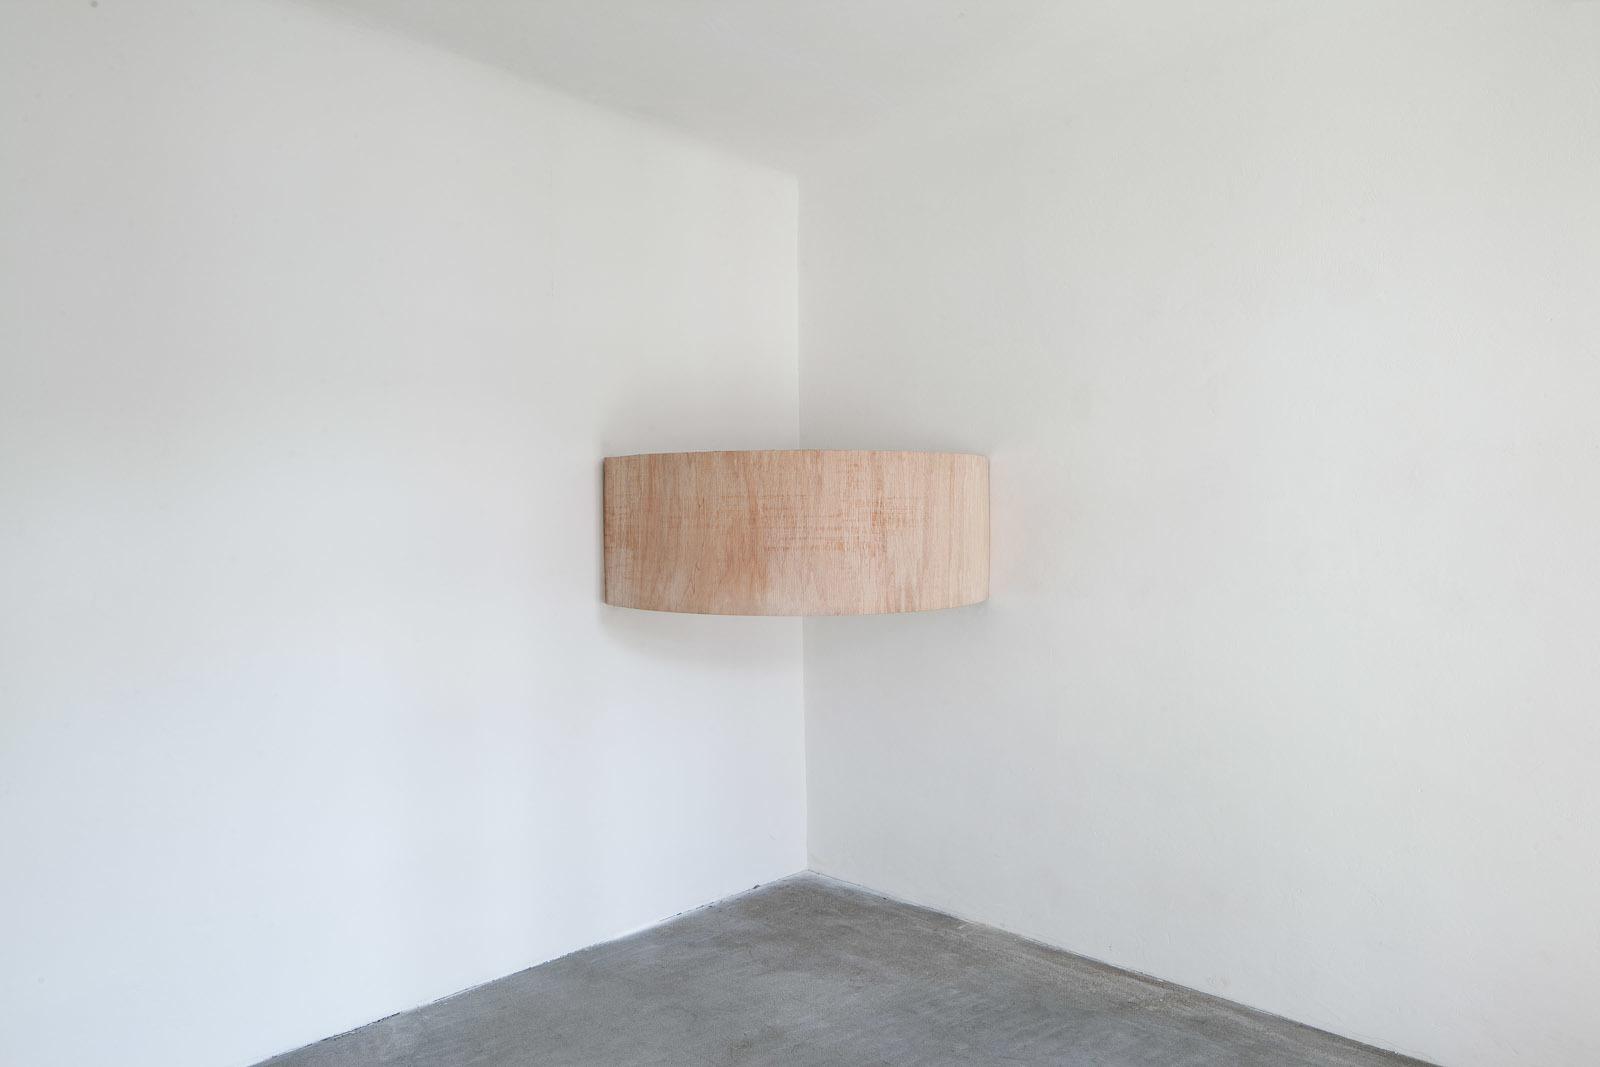 Michał Budny, beztytułu, 2014, dzięki uprzejmości galerii Svit